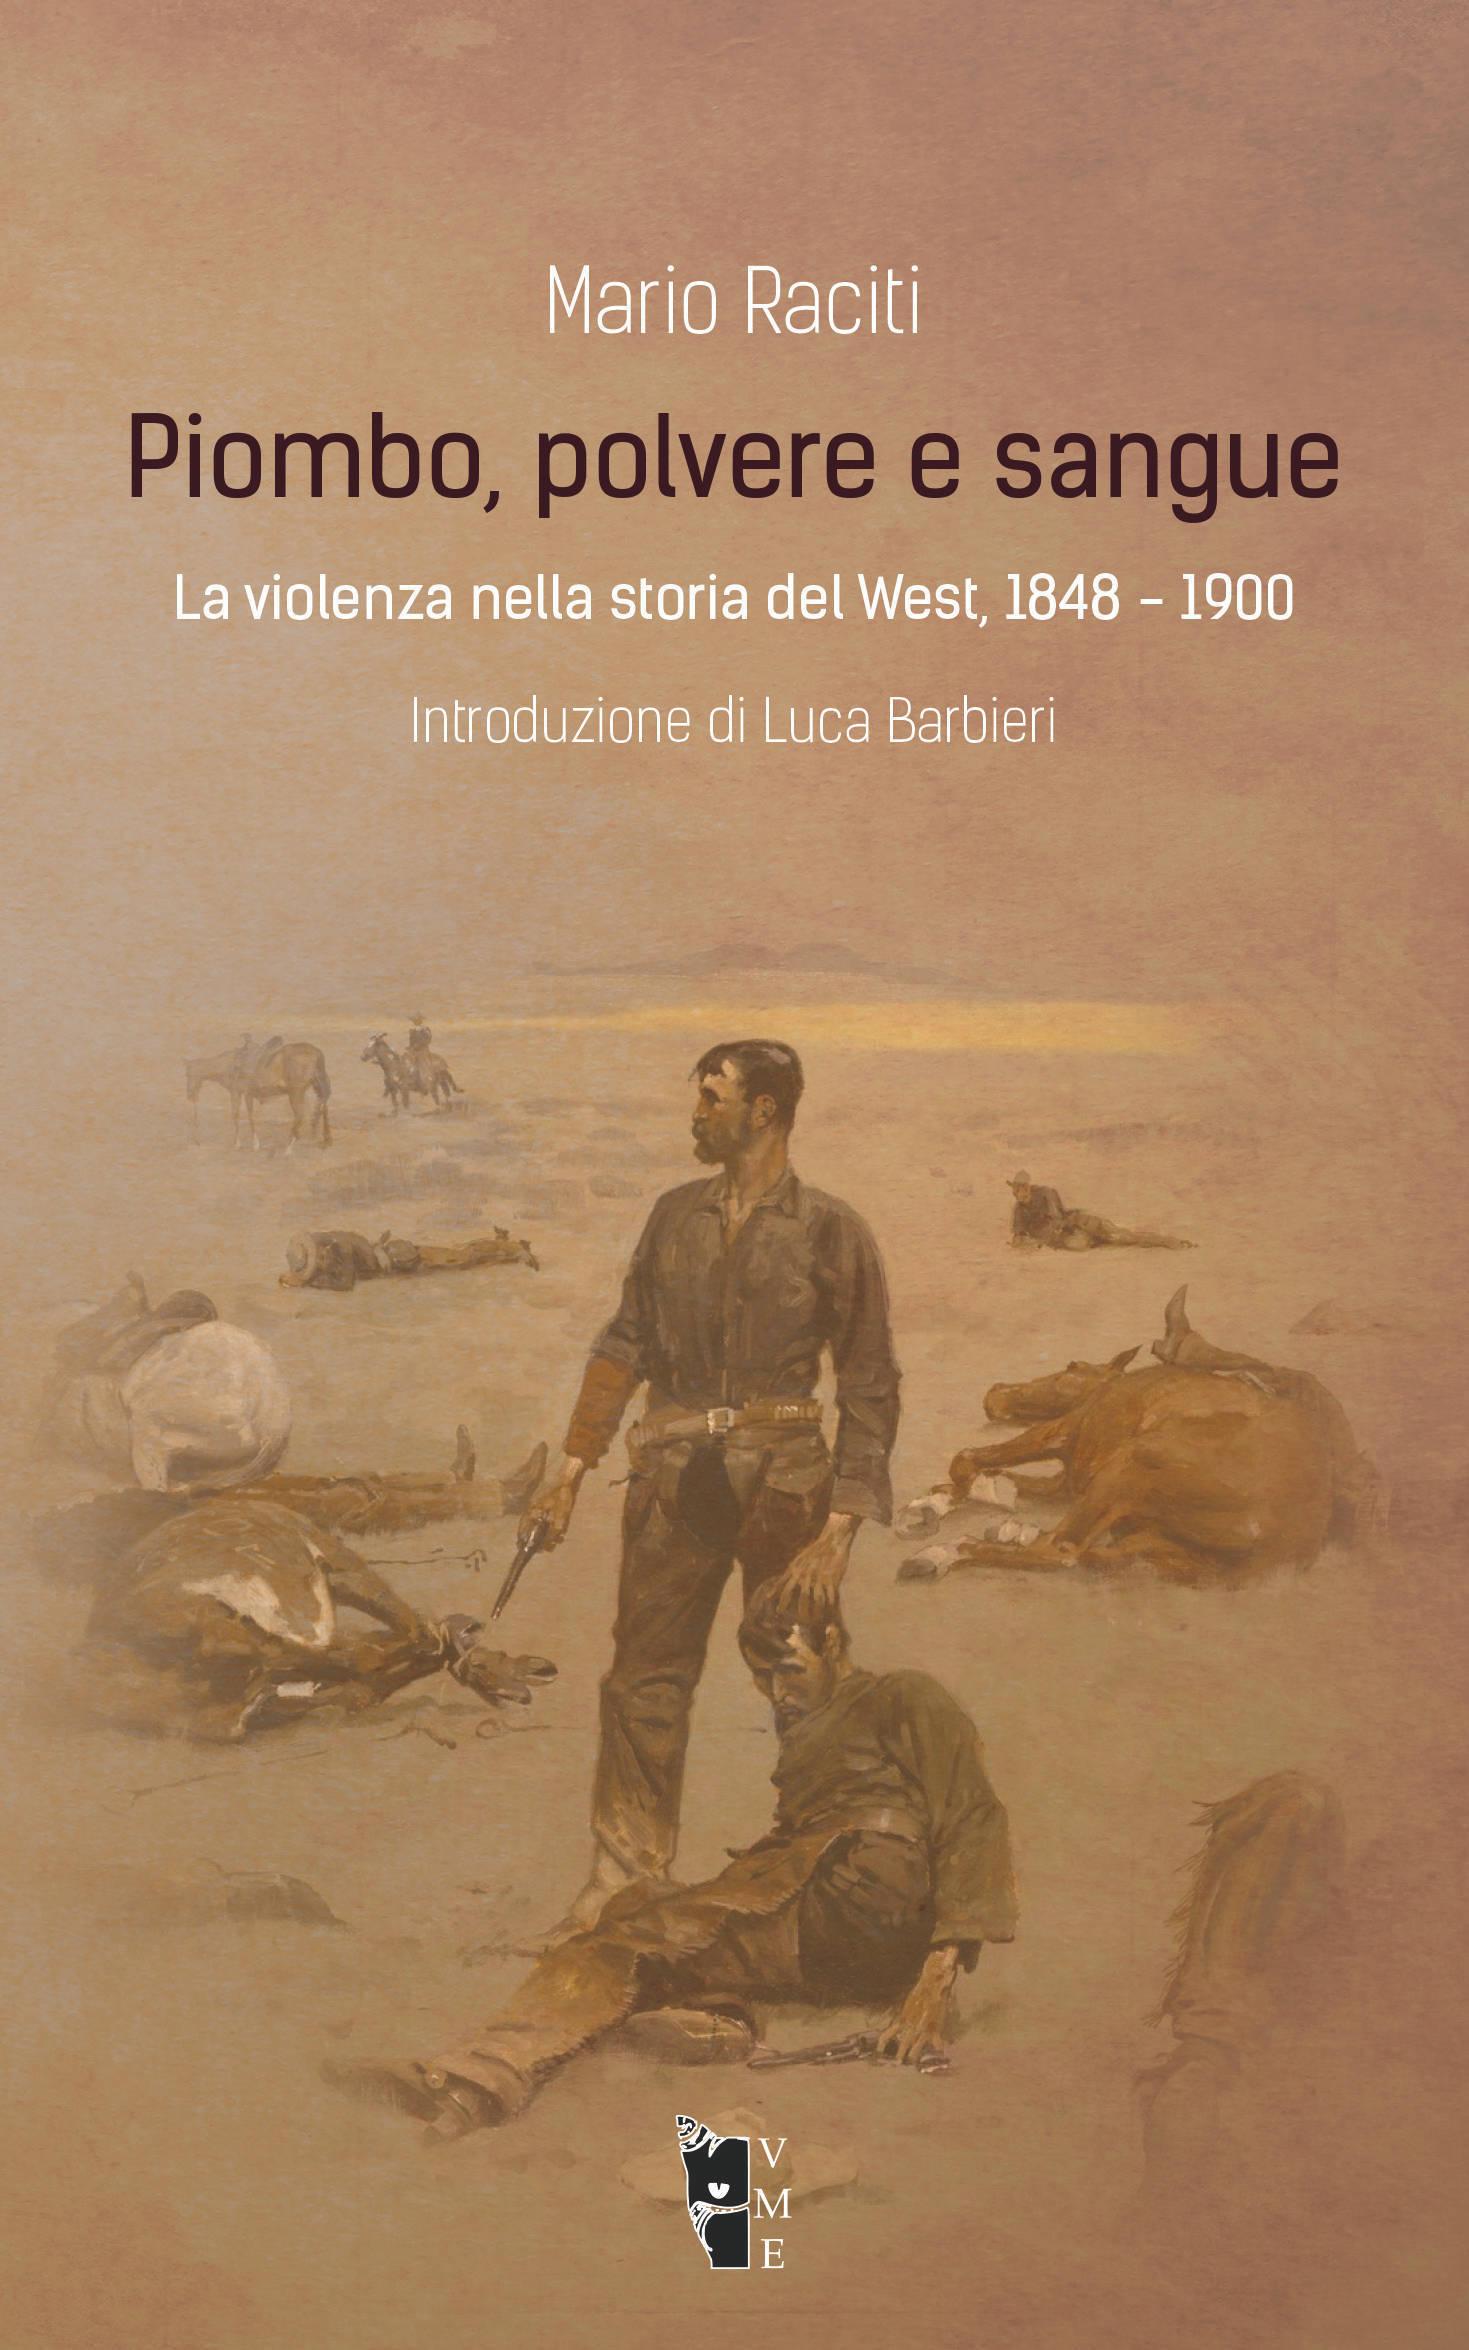 Mario Raciti - Piombo, polvere e sangue. La violenza nella storia del West, 1848 -1900 9788898119738